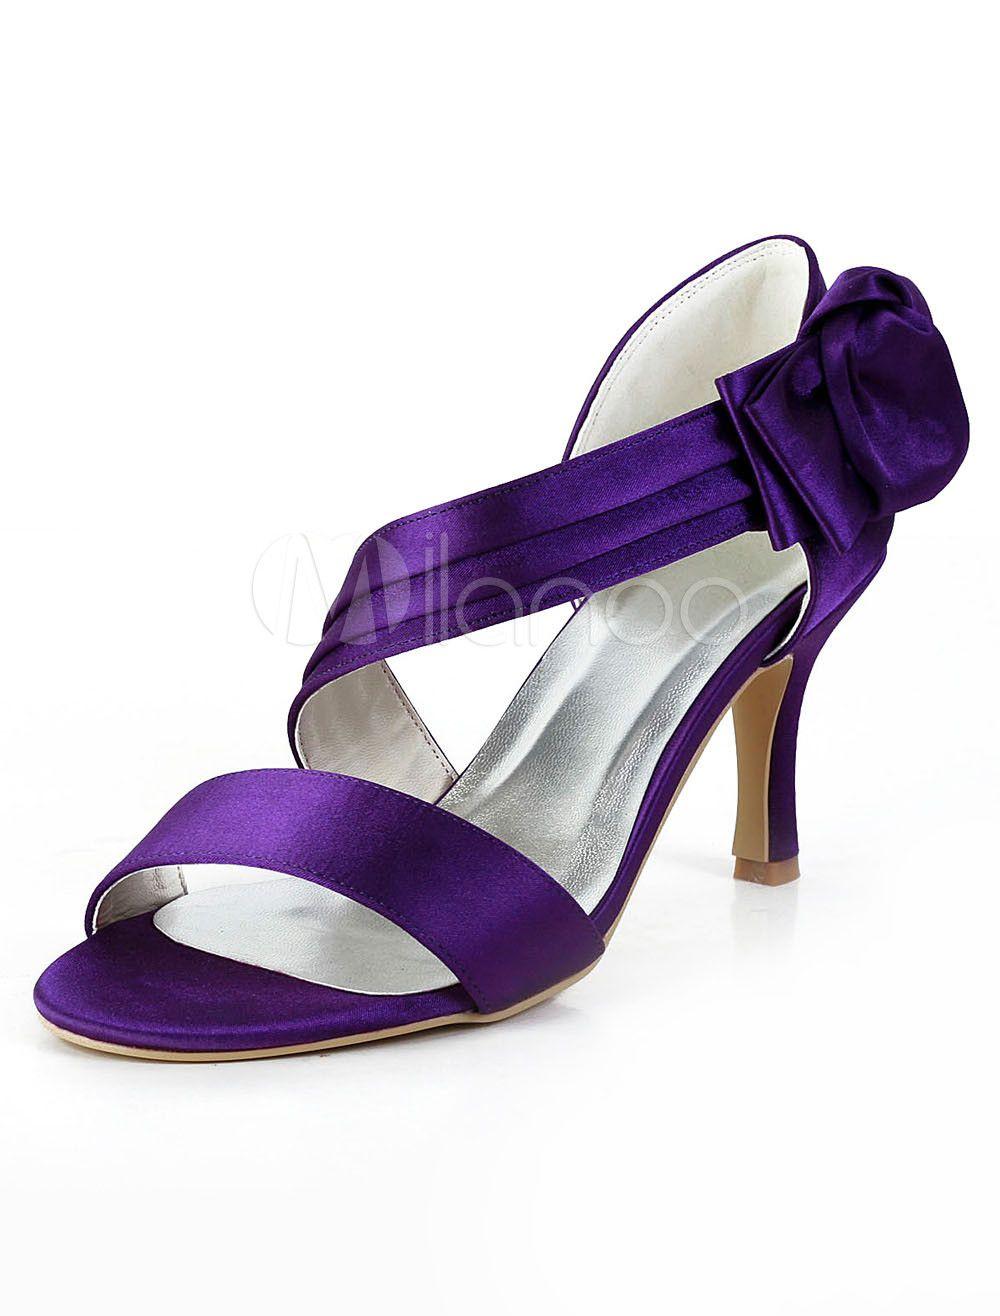 21+ Purple wedding shoes low heel ideas